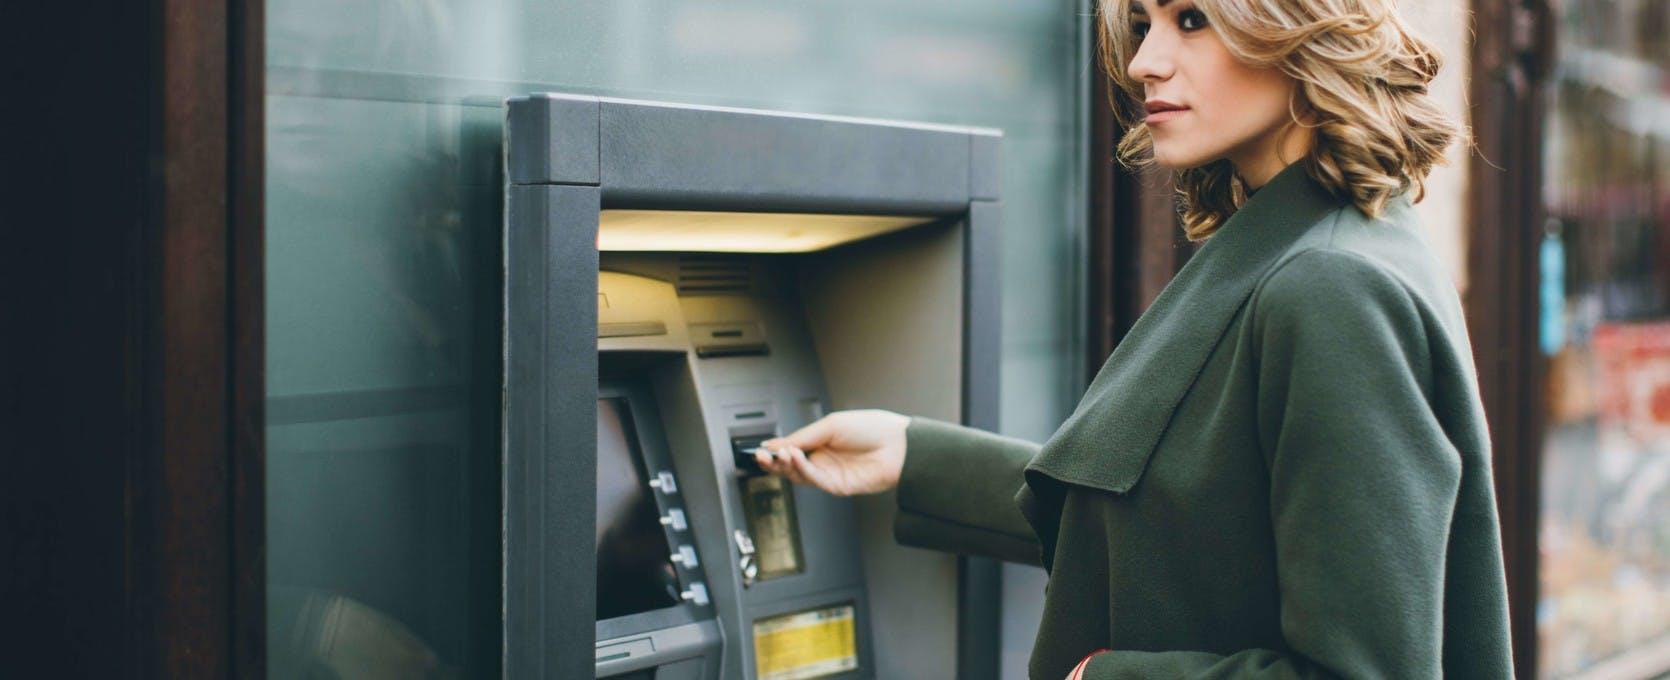 Customer banking at ATM